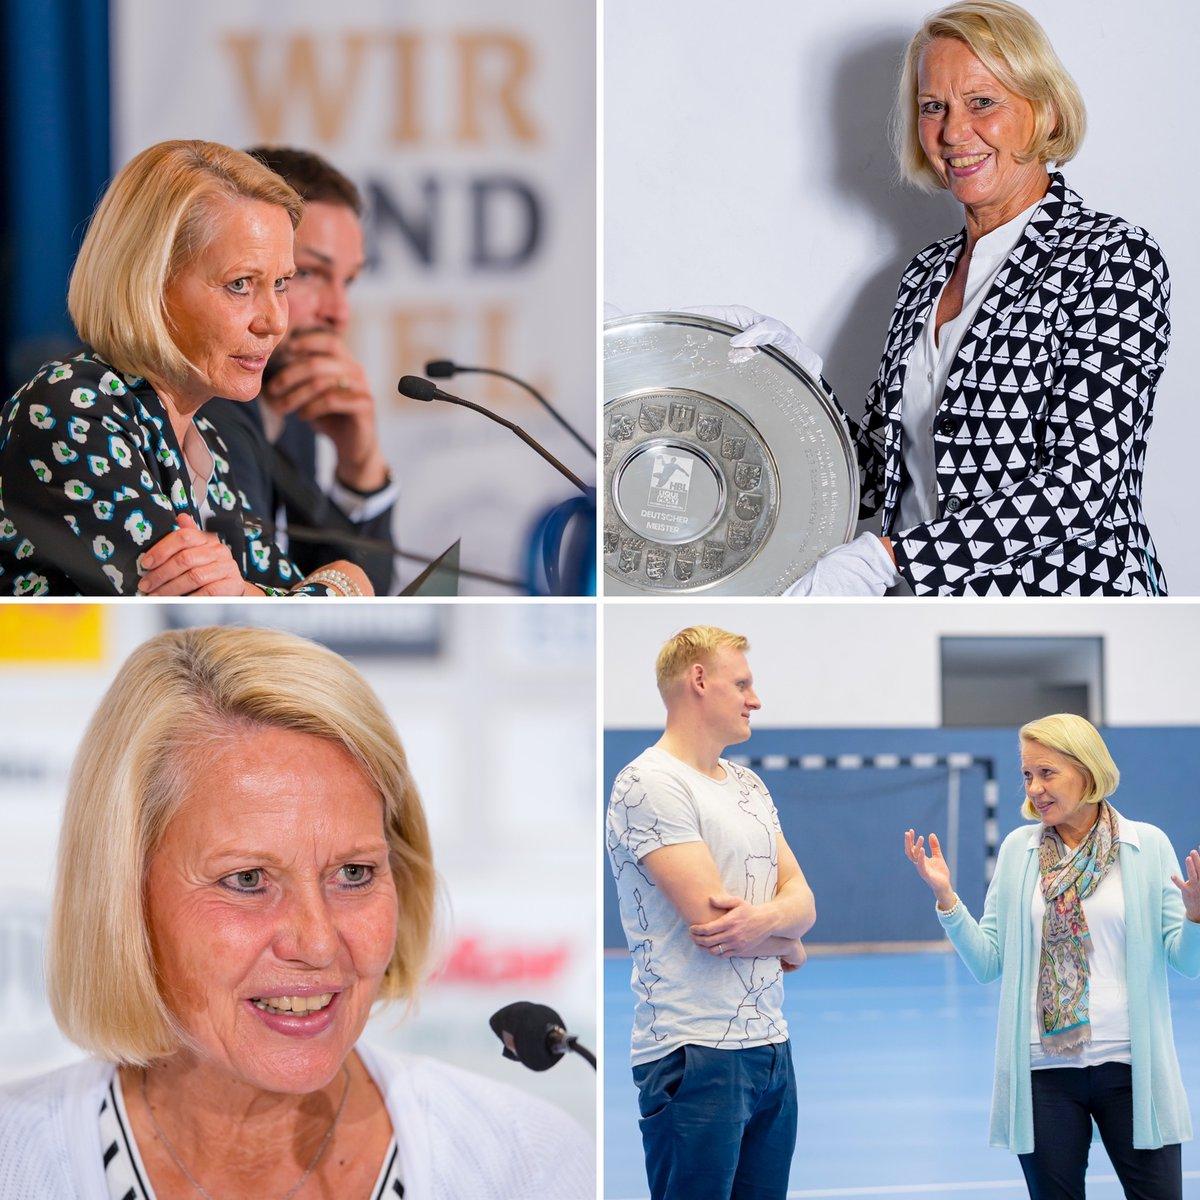 Heute wird 🖤🤍 Geburtstag gefeiert: Herzlichen Glückwunsch, Sabine Holdorf-Schust! #HappyBirthday #WirSindKiel #News https://t.co/qFbYRMi2eL